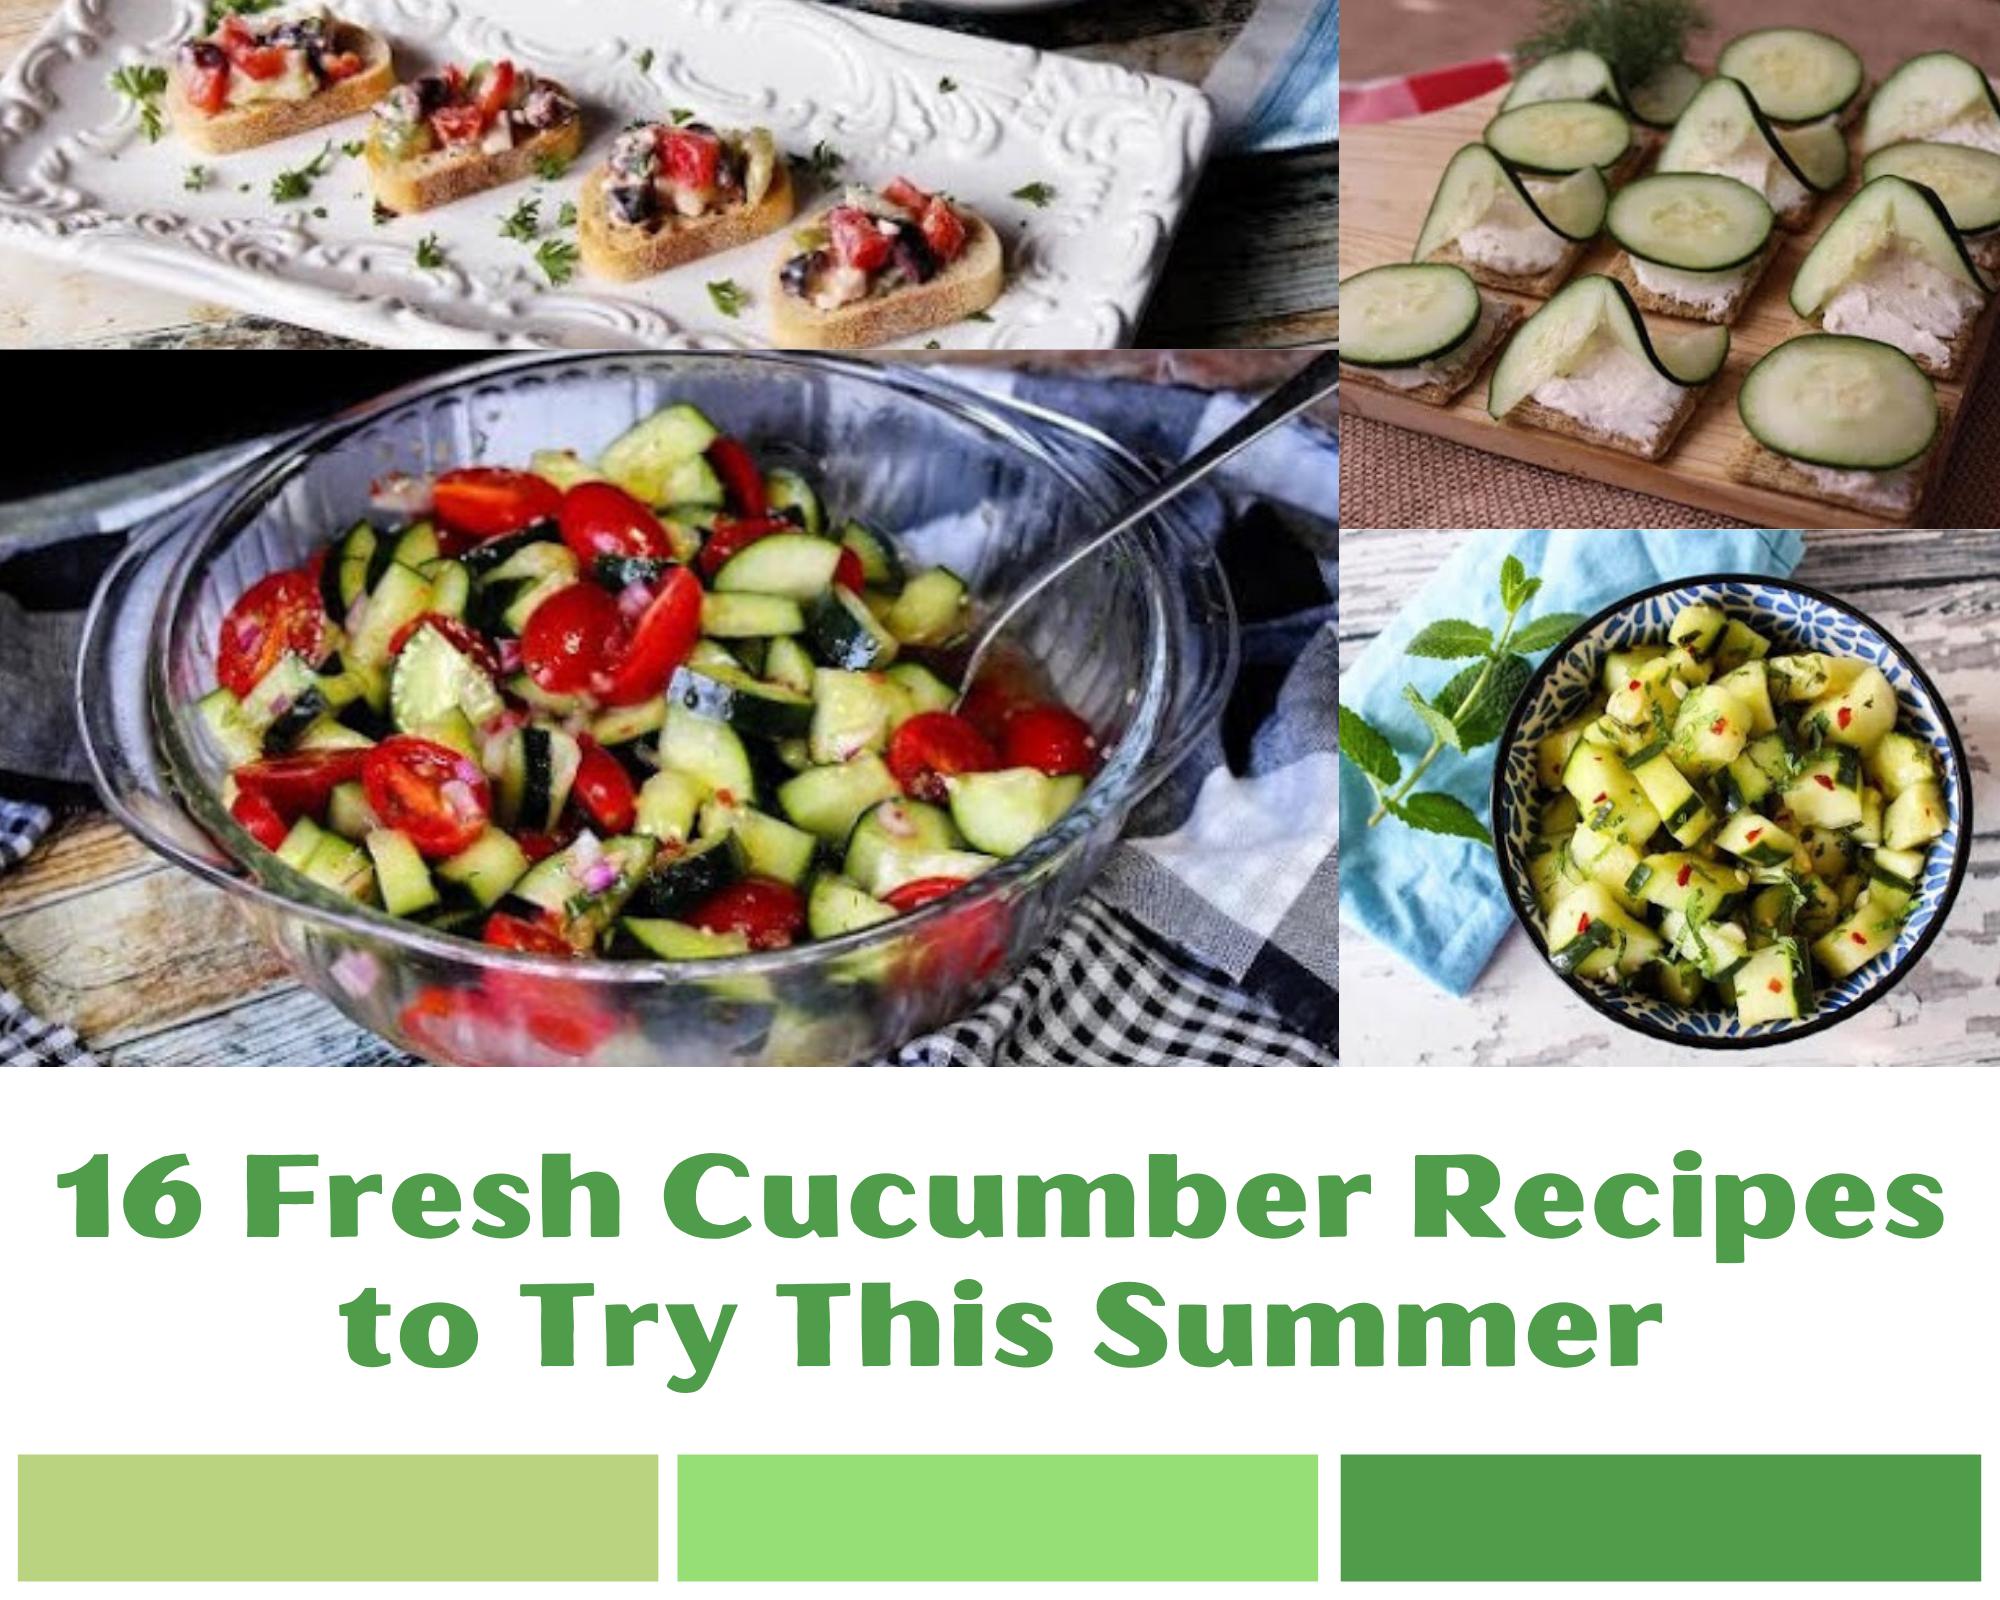 Cucumber salad, bruschetta and snack recipes